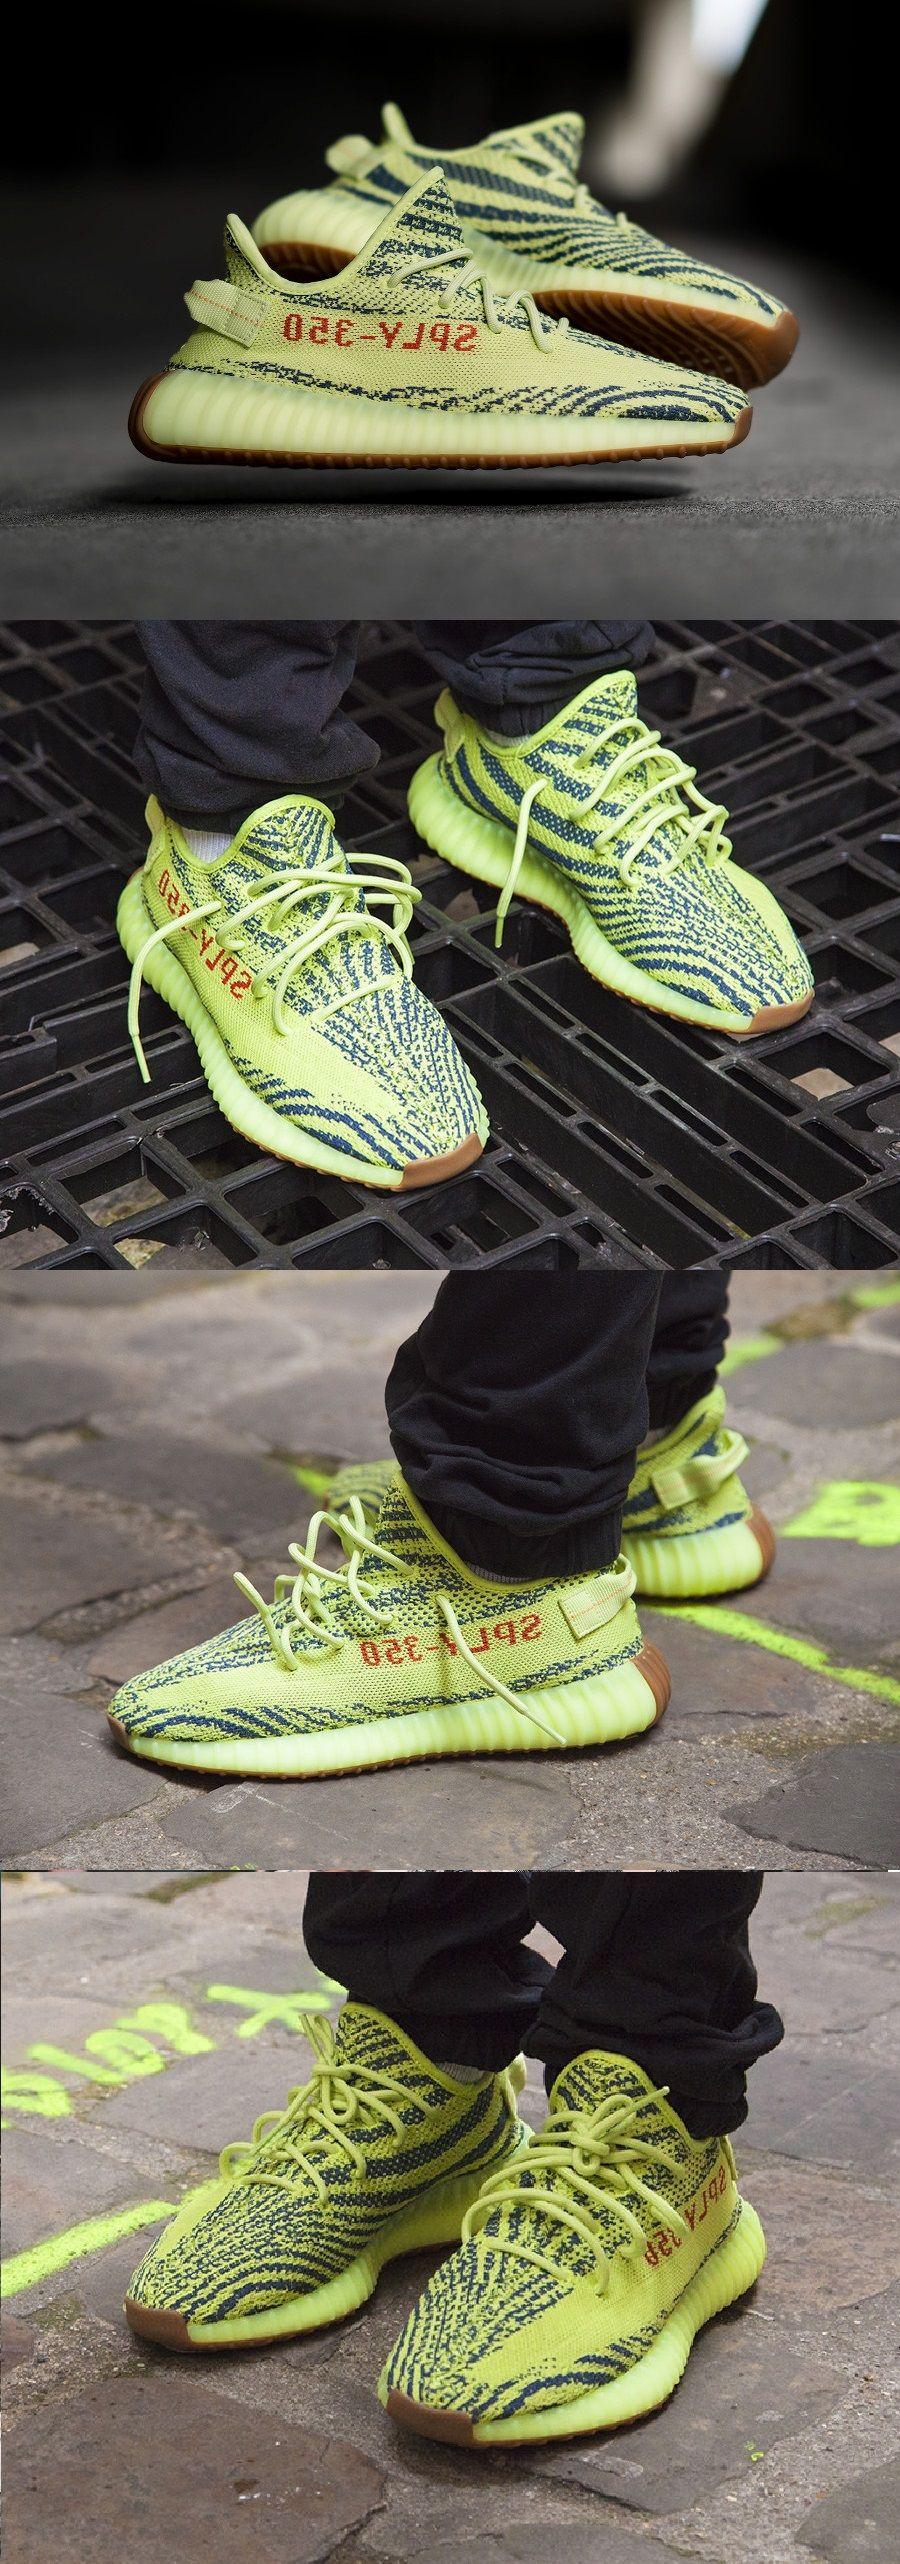 14339 adidas yeezy 350 impulso v2 semi - congelato giallo dipinto le scarpe